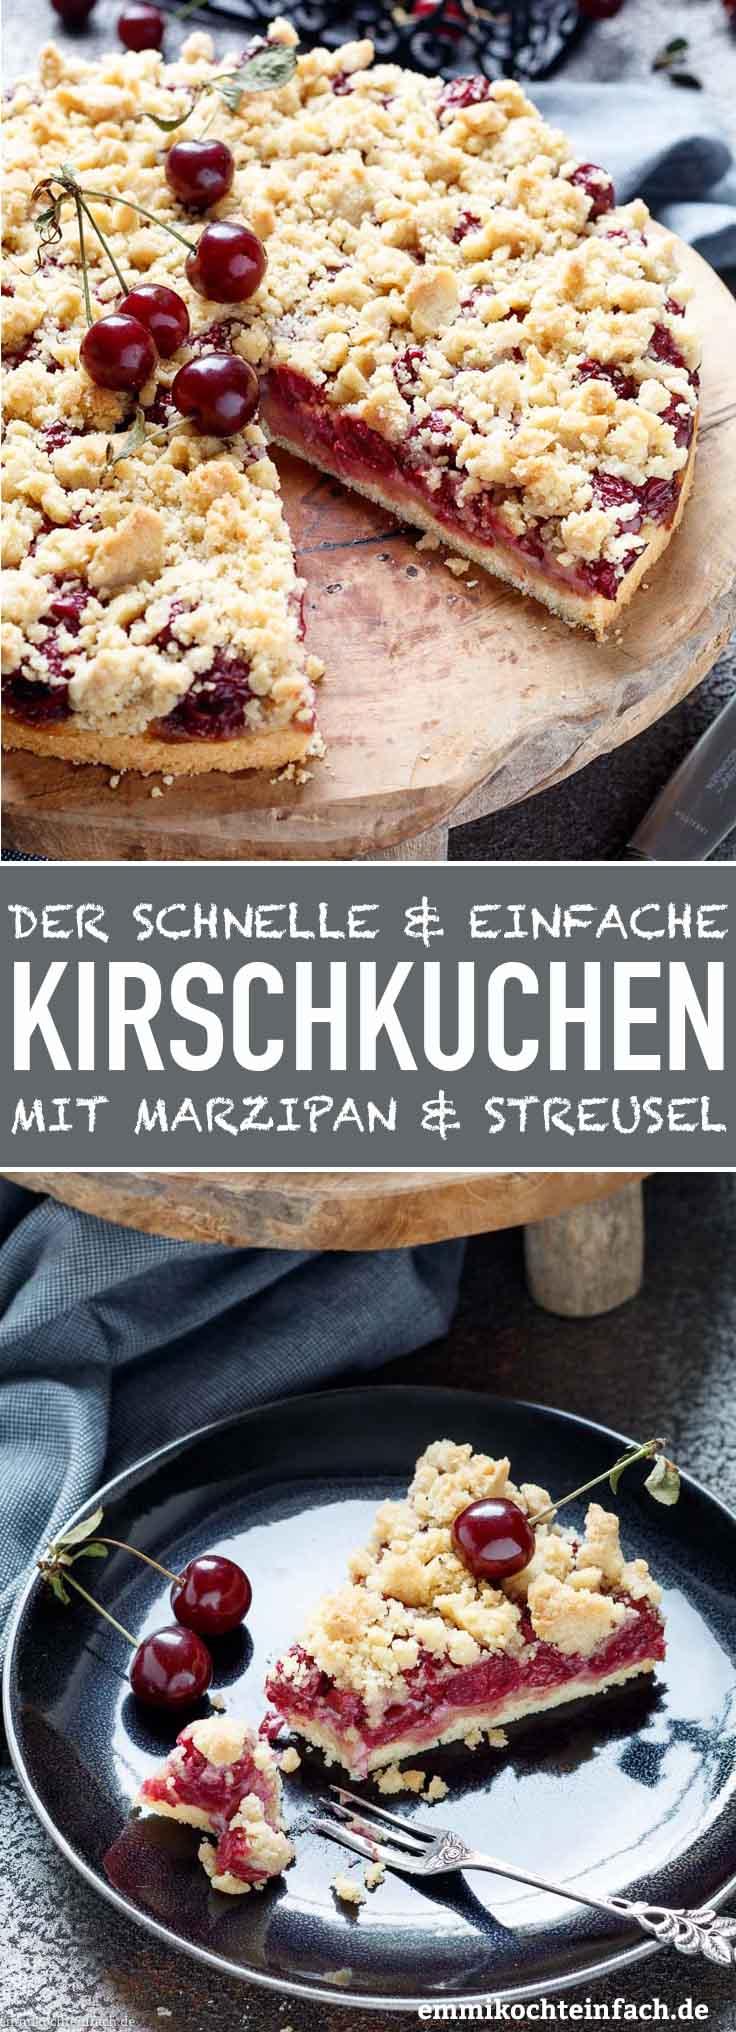 Kirschkuchen mit Marzipan und Streusel - www.emmikochteinfach.de